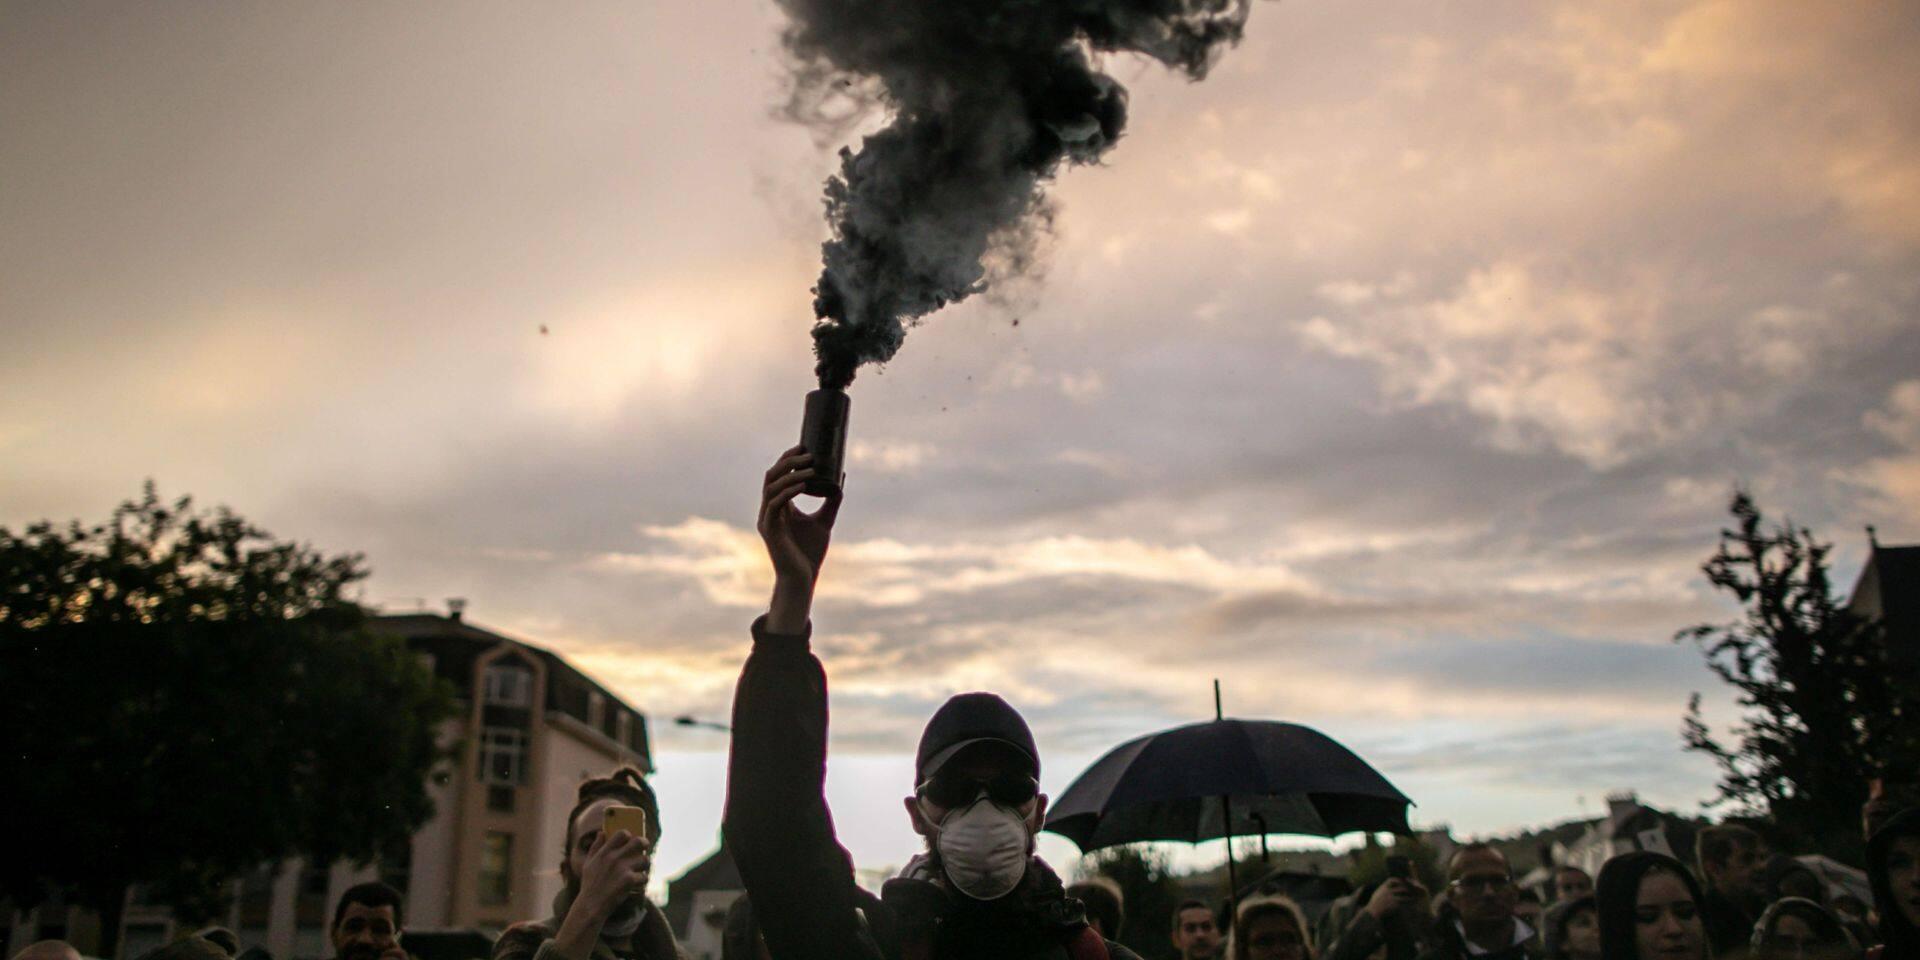 """À Rouen, un peu plus d'une centaine de personnes aux urgences, mais """"la qualité de l'air est parfaitement respirable"""""""